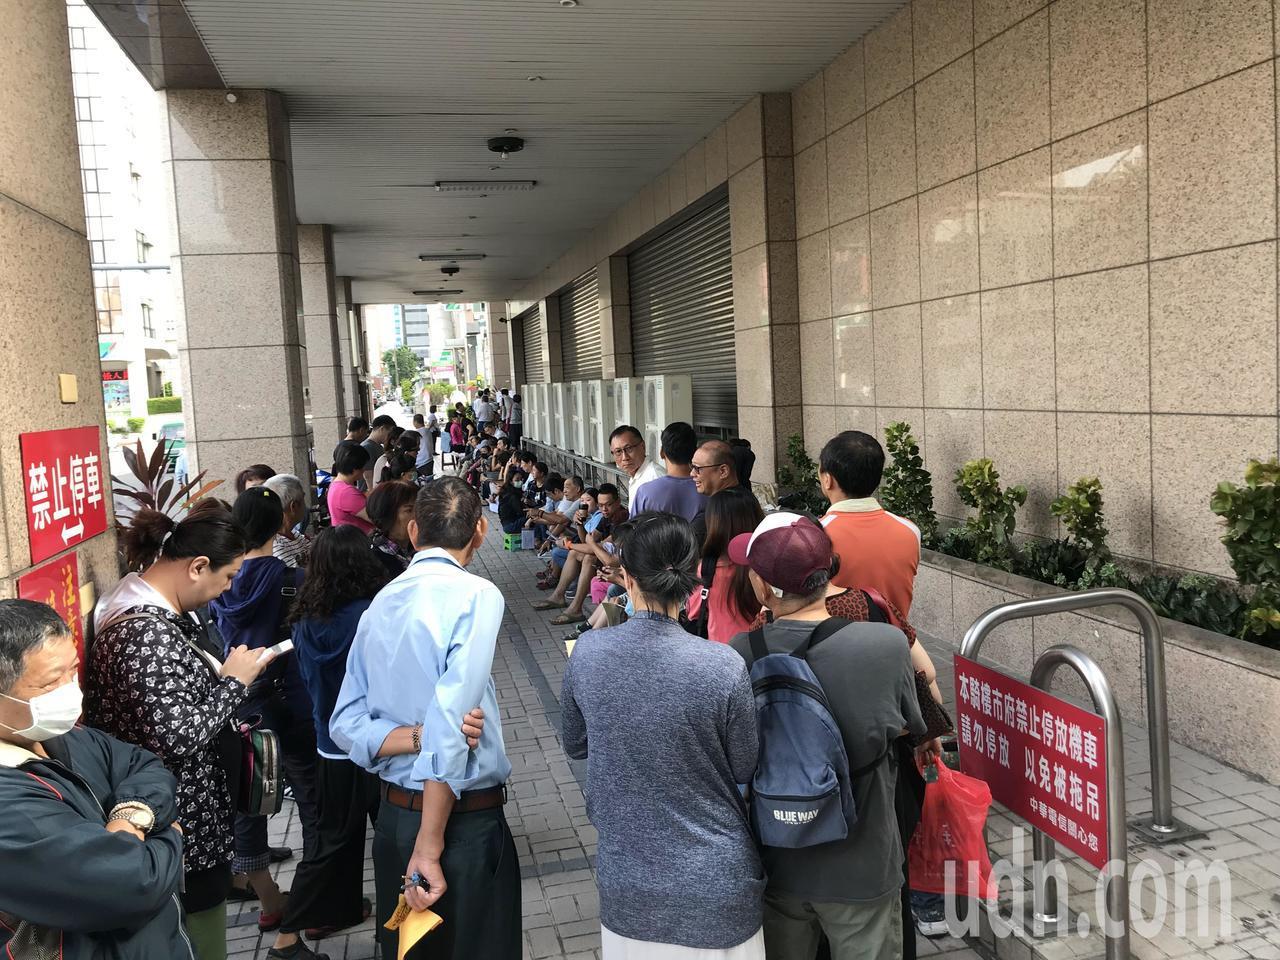 台南市實施第二期汰換老舊冰箱、冷氣等家電補助,上午8點半開放申請,有民眾凌晨3點...